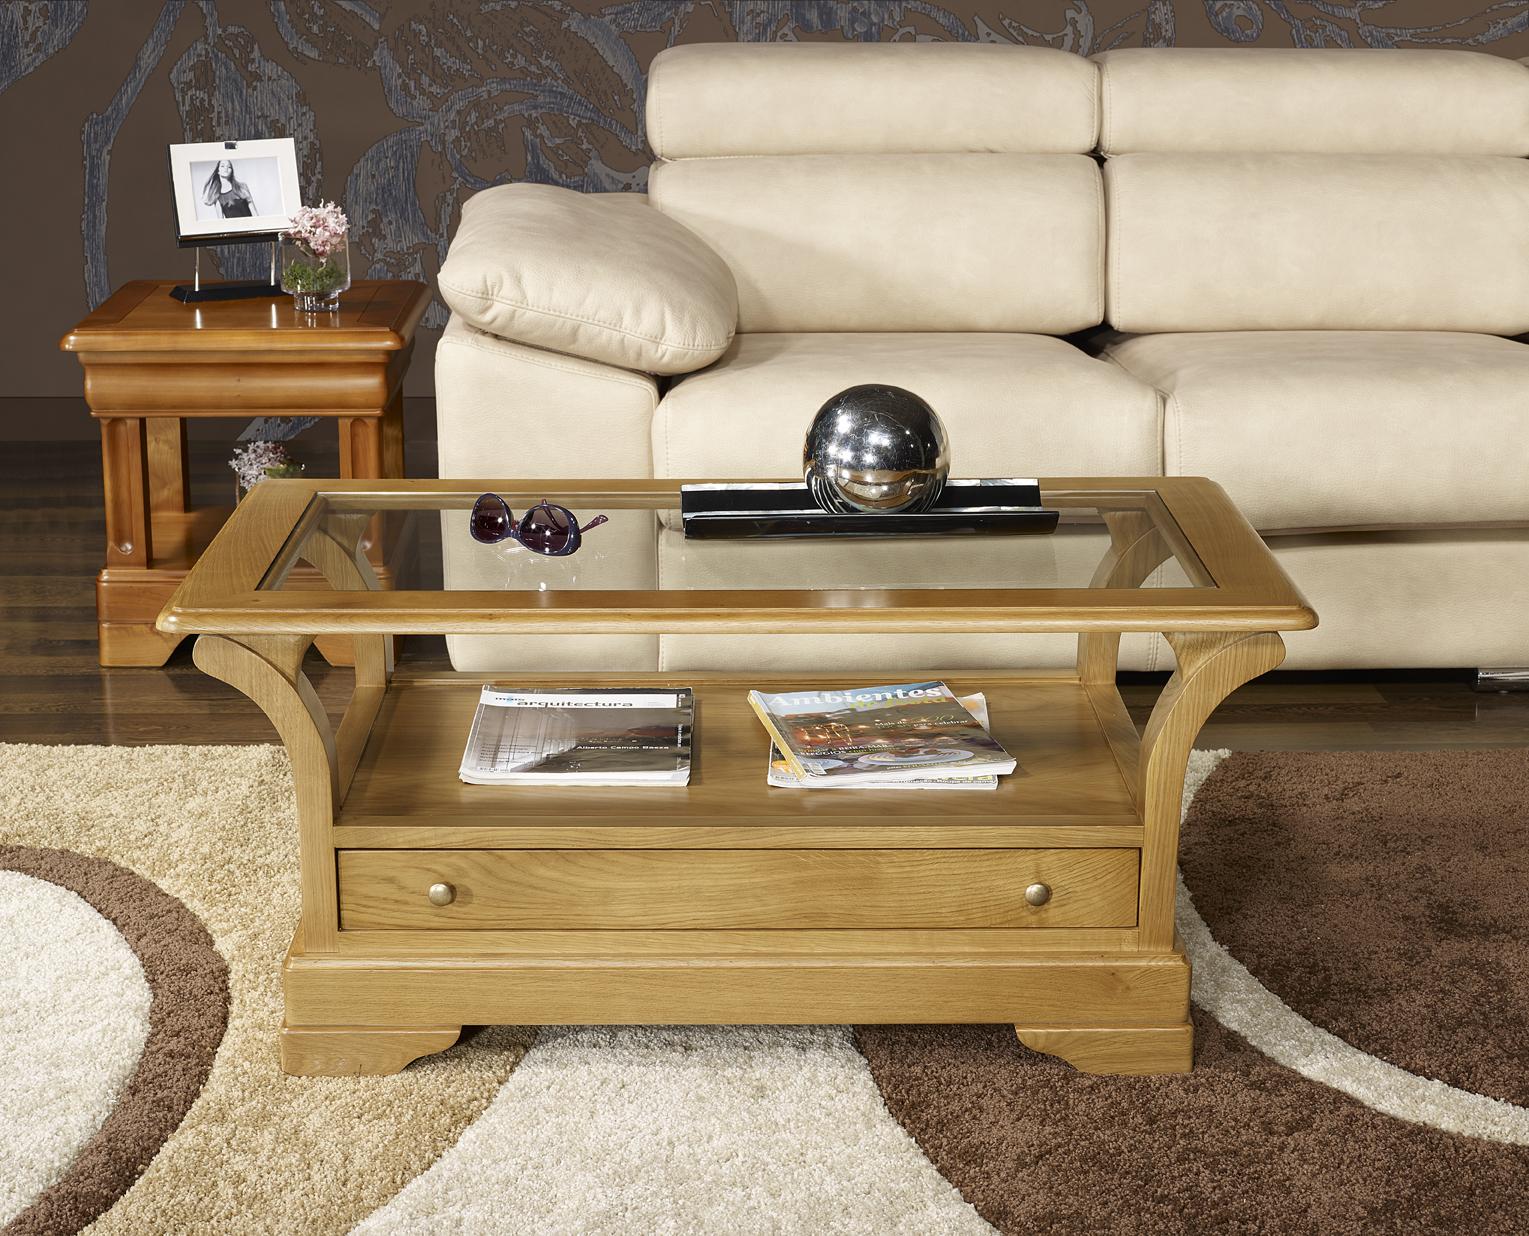 Table basse raphael en ch ne massif de style louis philippe plateau bois 1 tiroir de chaque - Table basse louis philippe ...